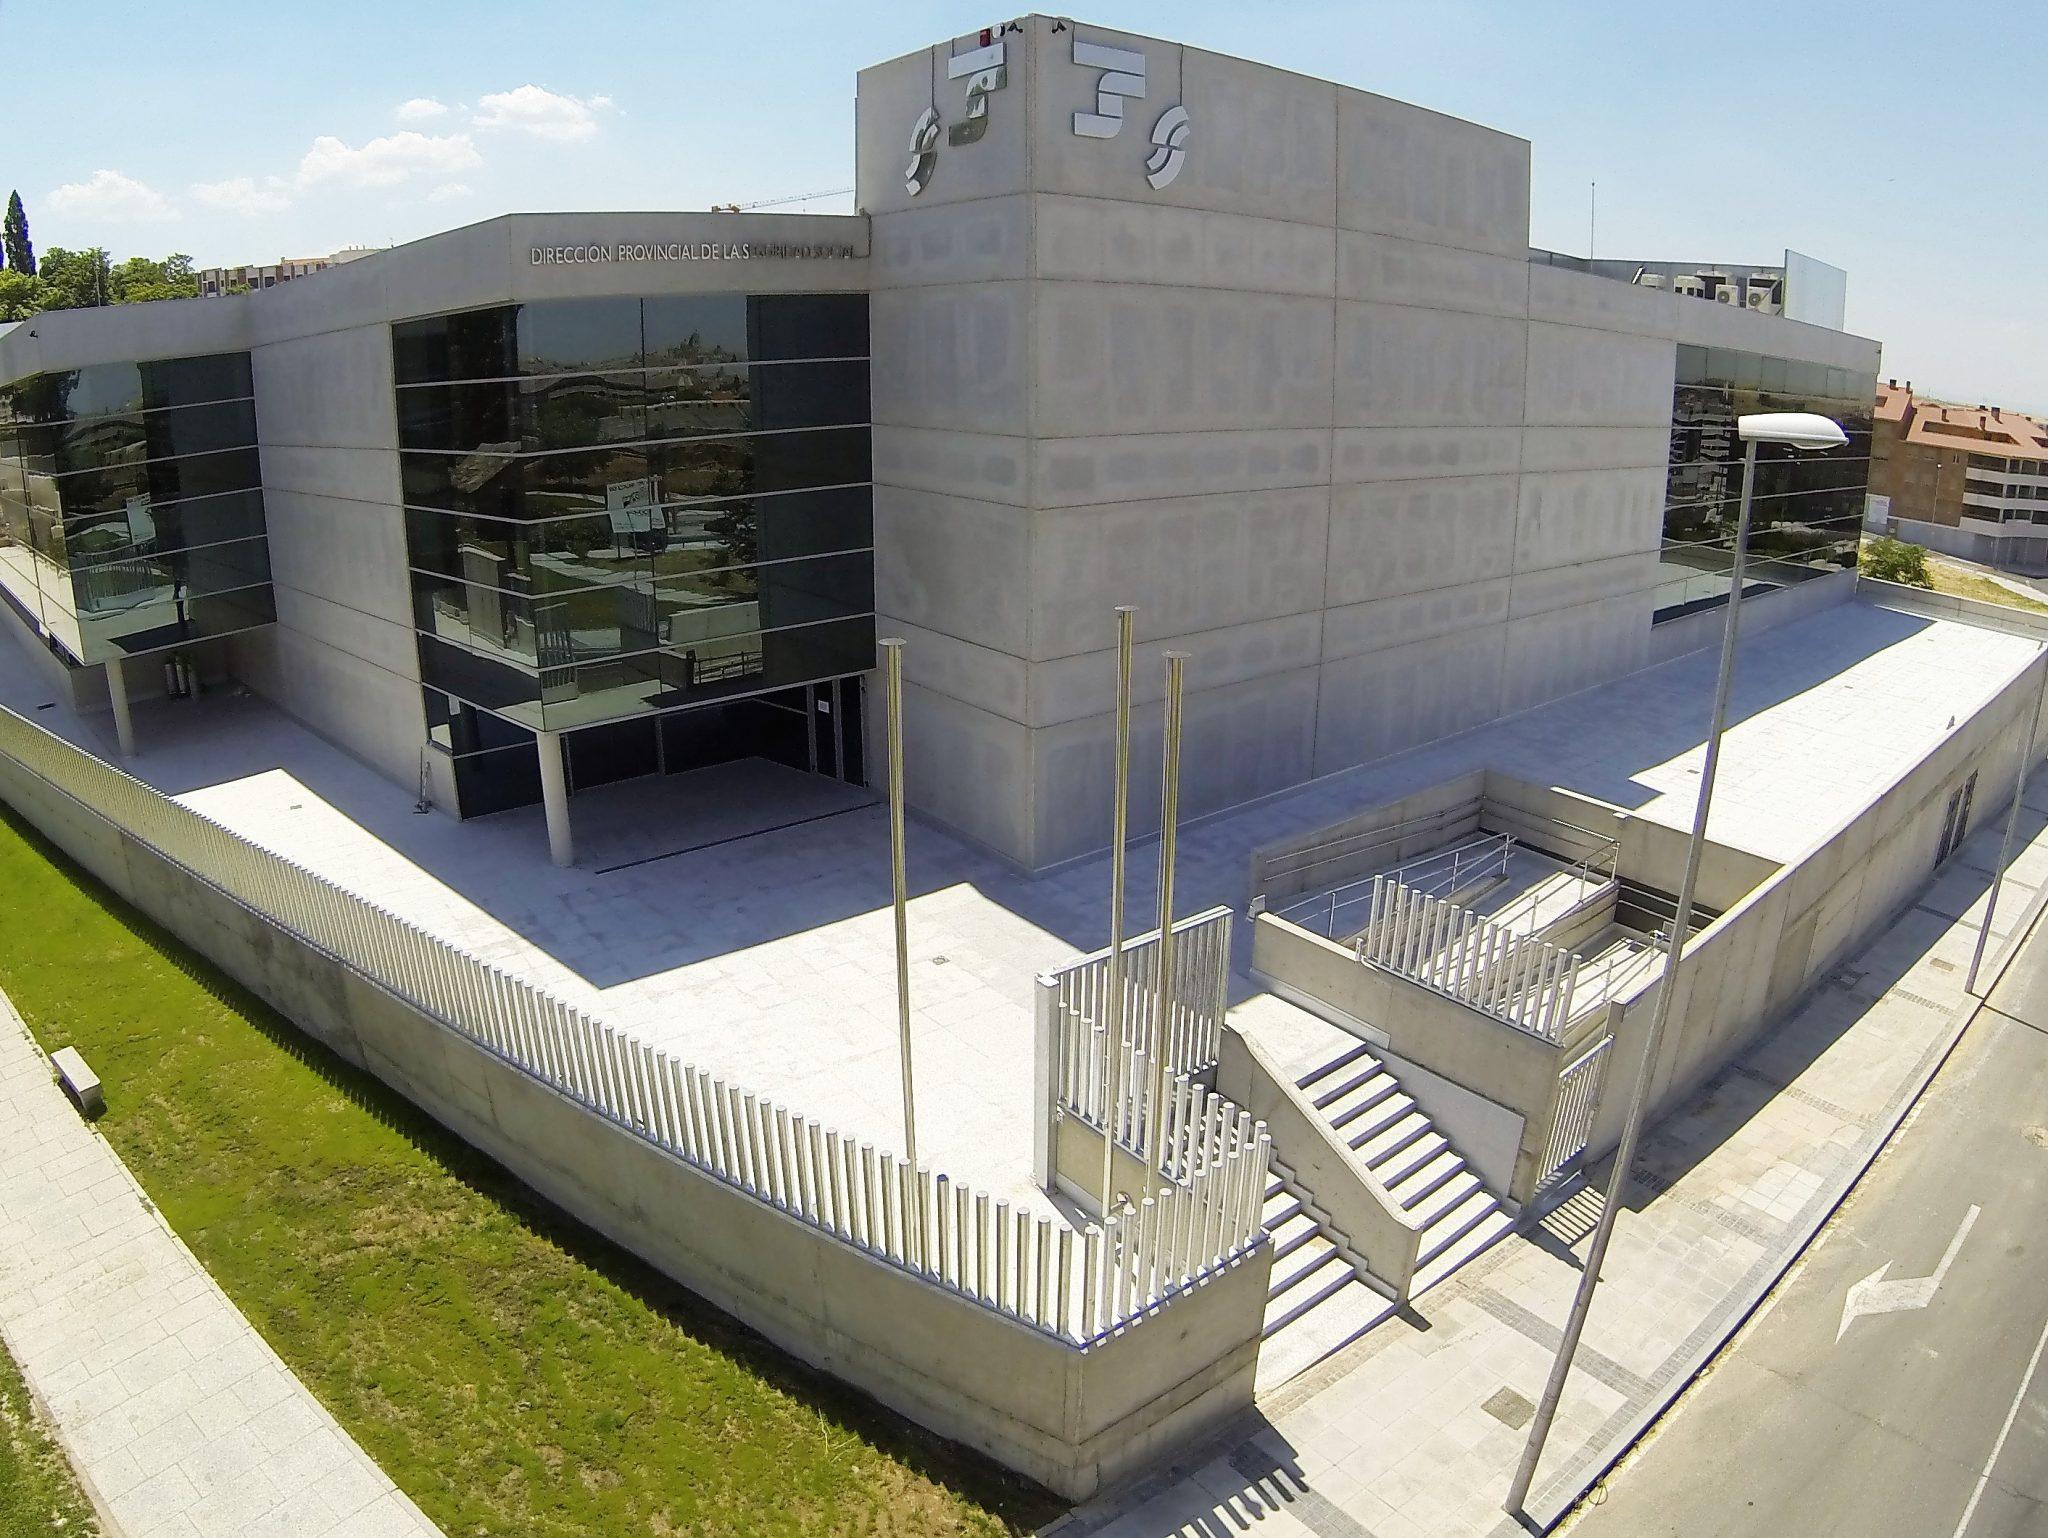 No residencial - Proyectos - Proyecon Galicia - Sede de la TGSS en Segovia